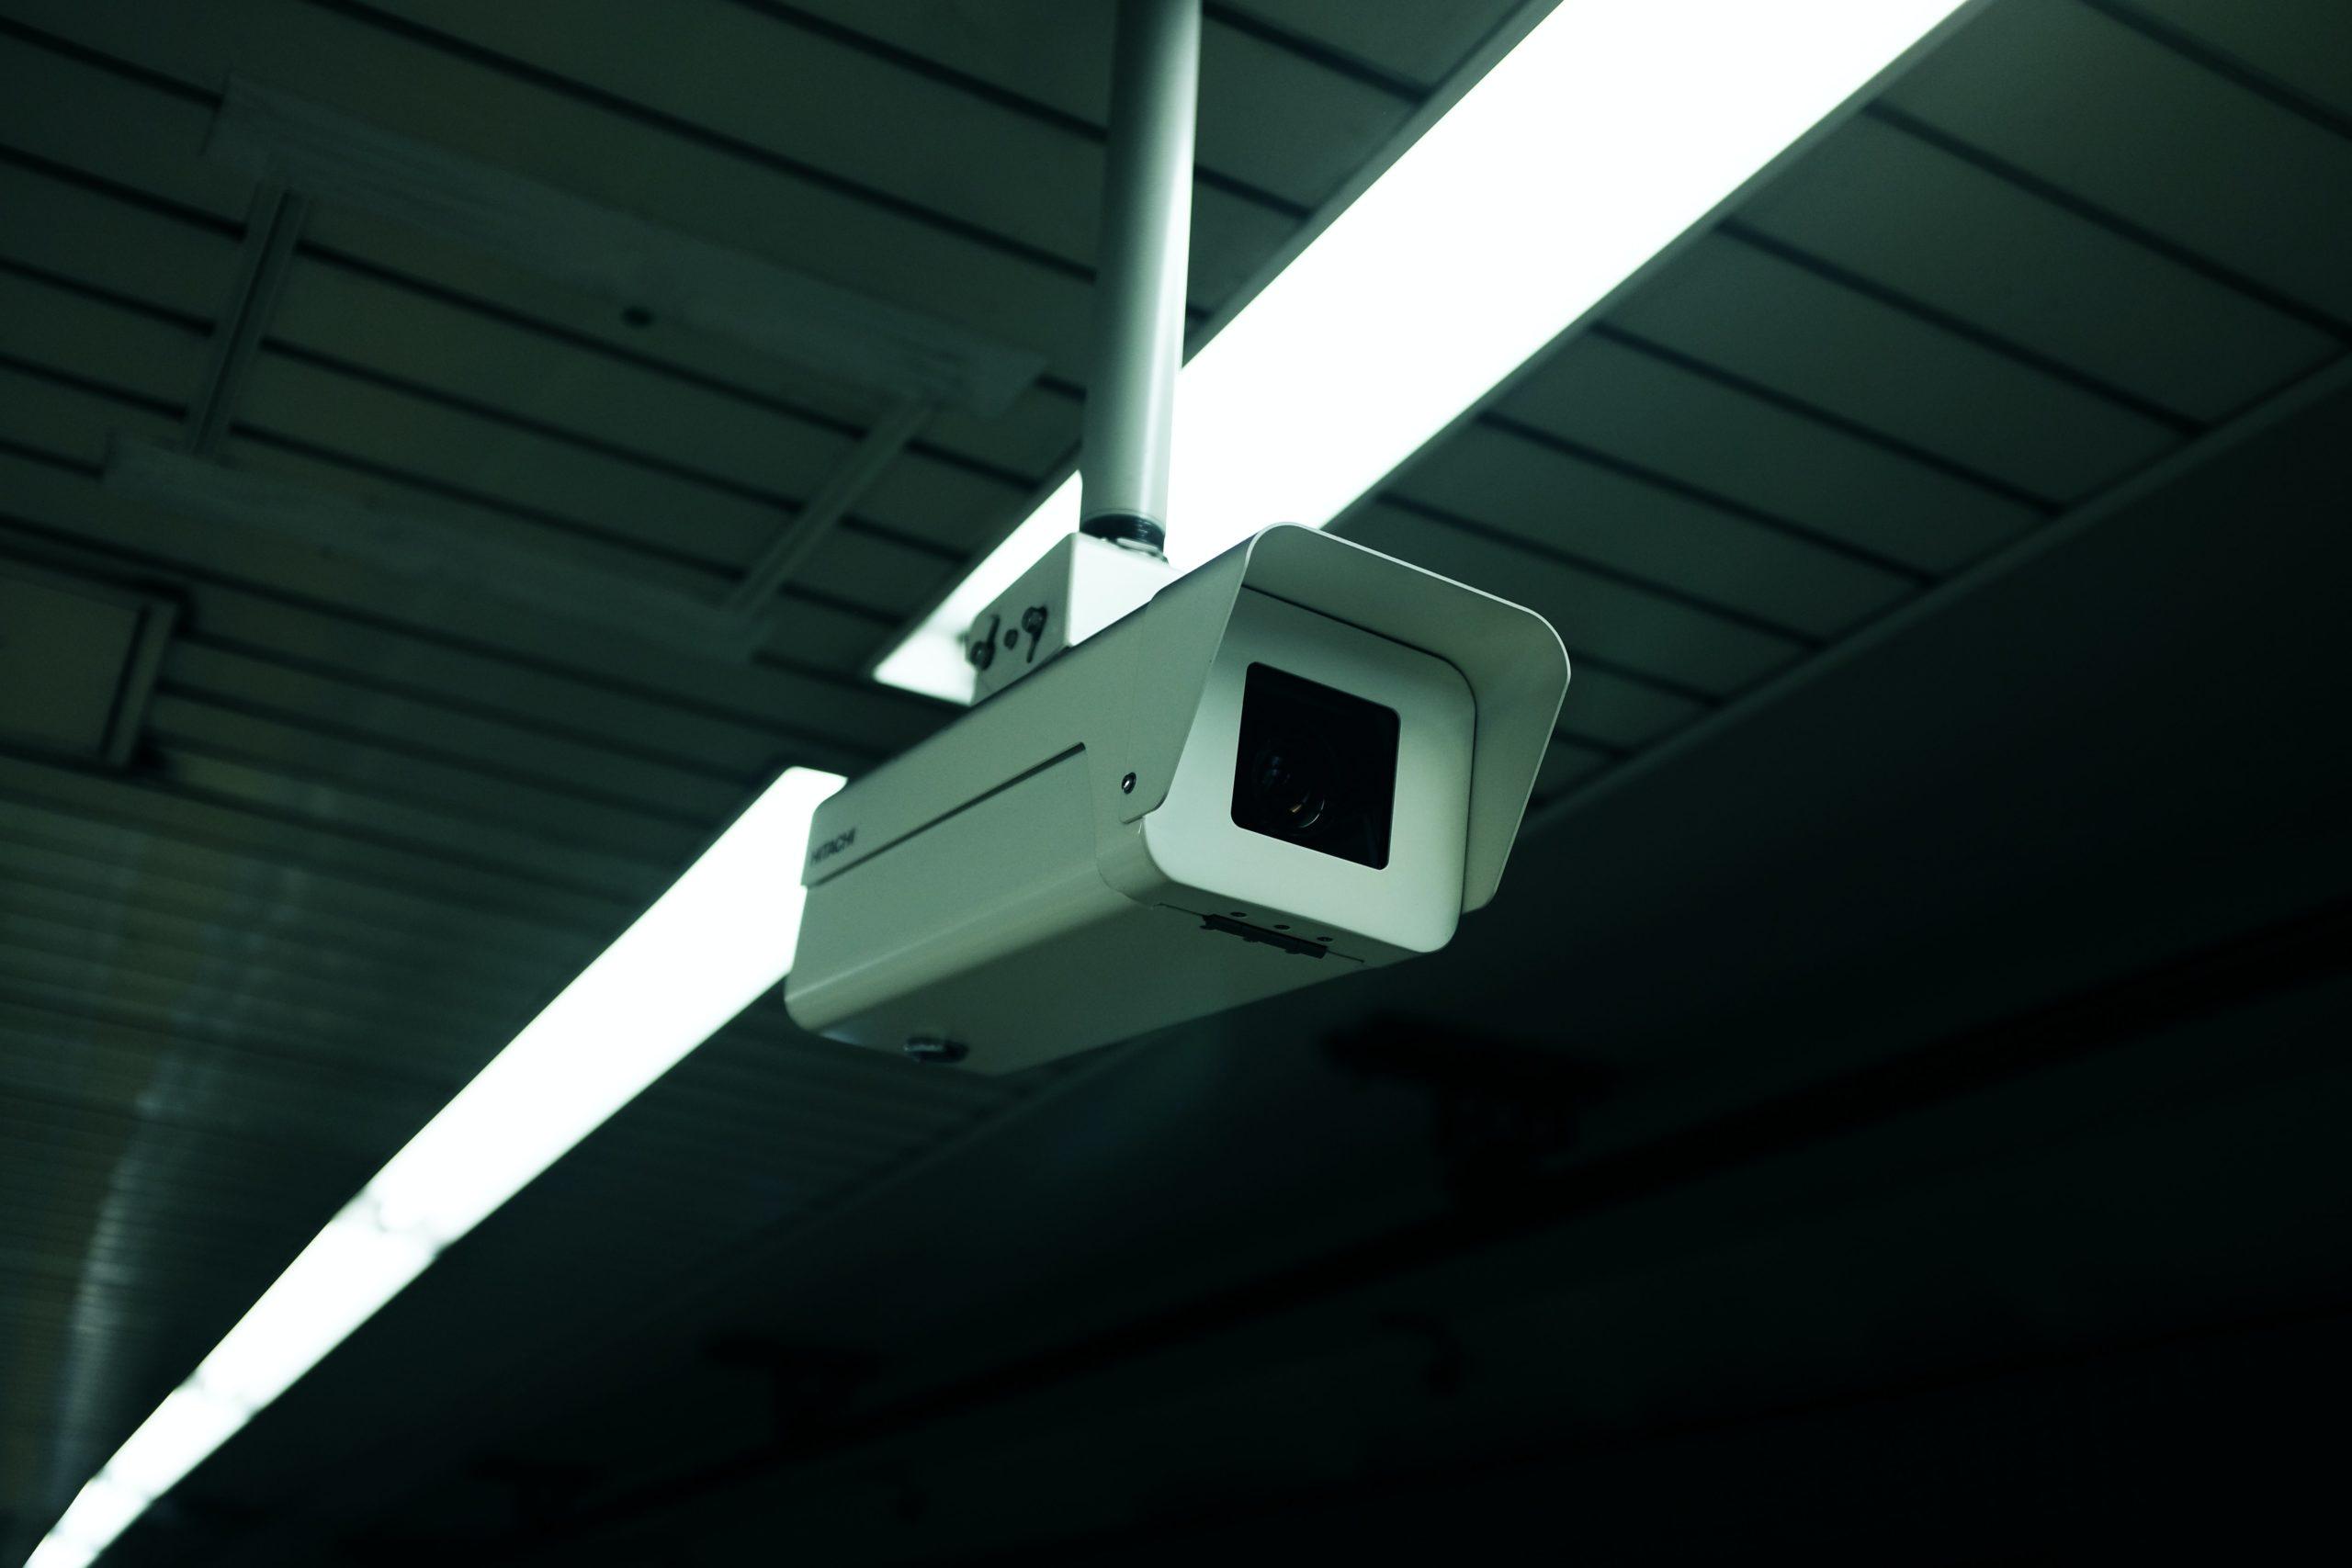 La CNIL approuve le recours à la vidéo intelligente pour mesurer le port du masque dans les transports